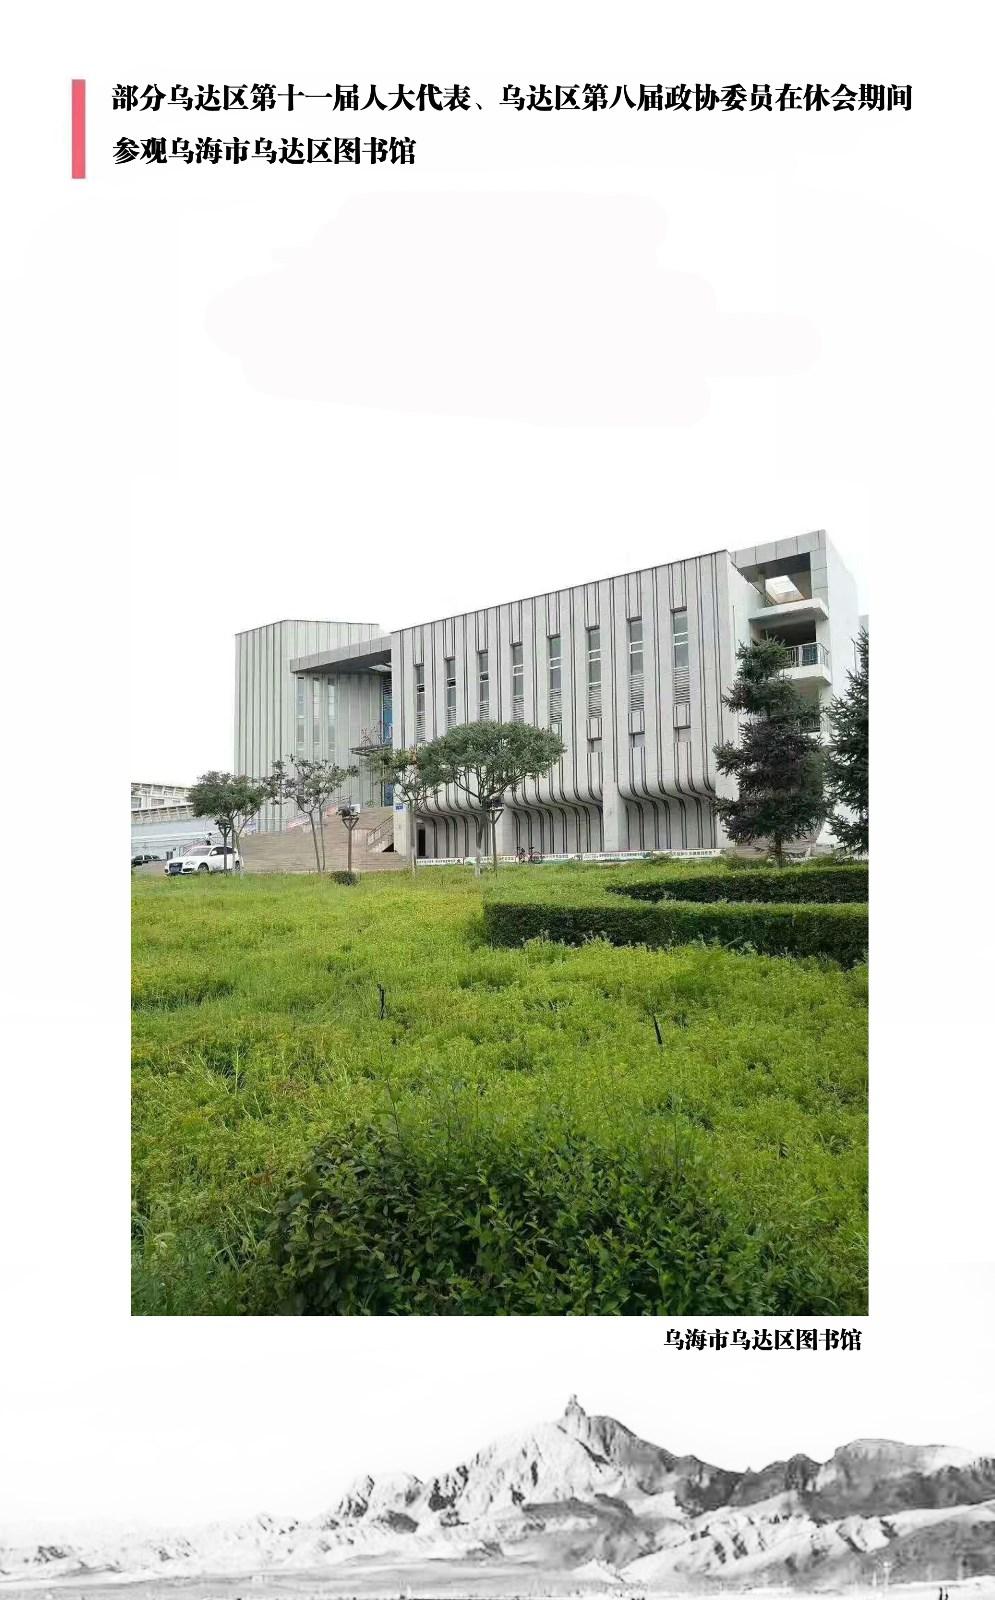 我区部分人大代表、政协委员参观内蒙古乌海市乌达区图书馆 ..._图1-6